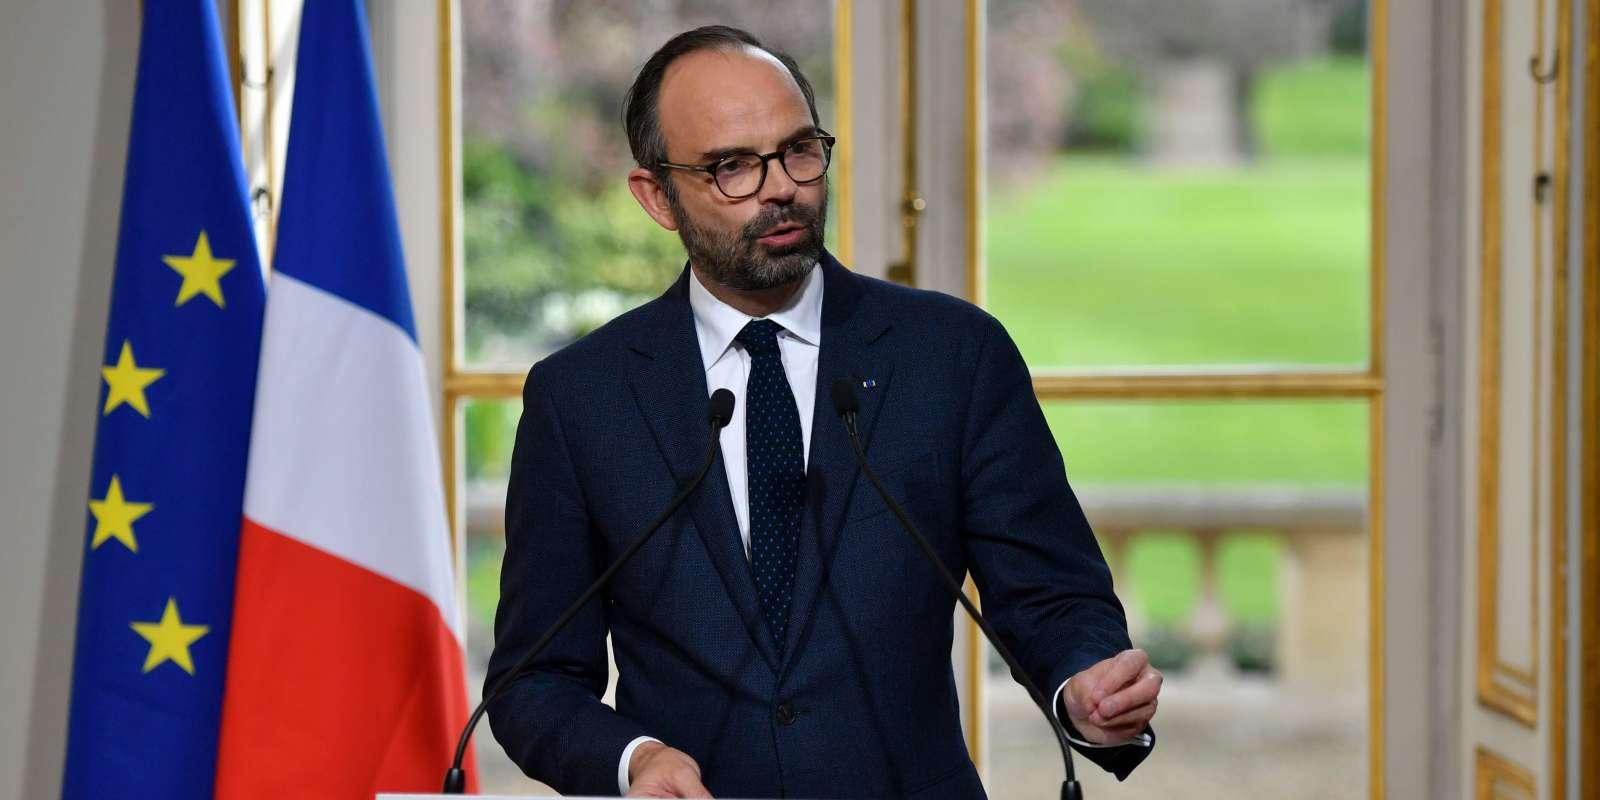 Le premier ministre, Edouard Philippe, a dévoilé la réforme des institutions mercredi 4 avril, à Matignon.